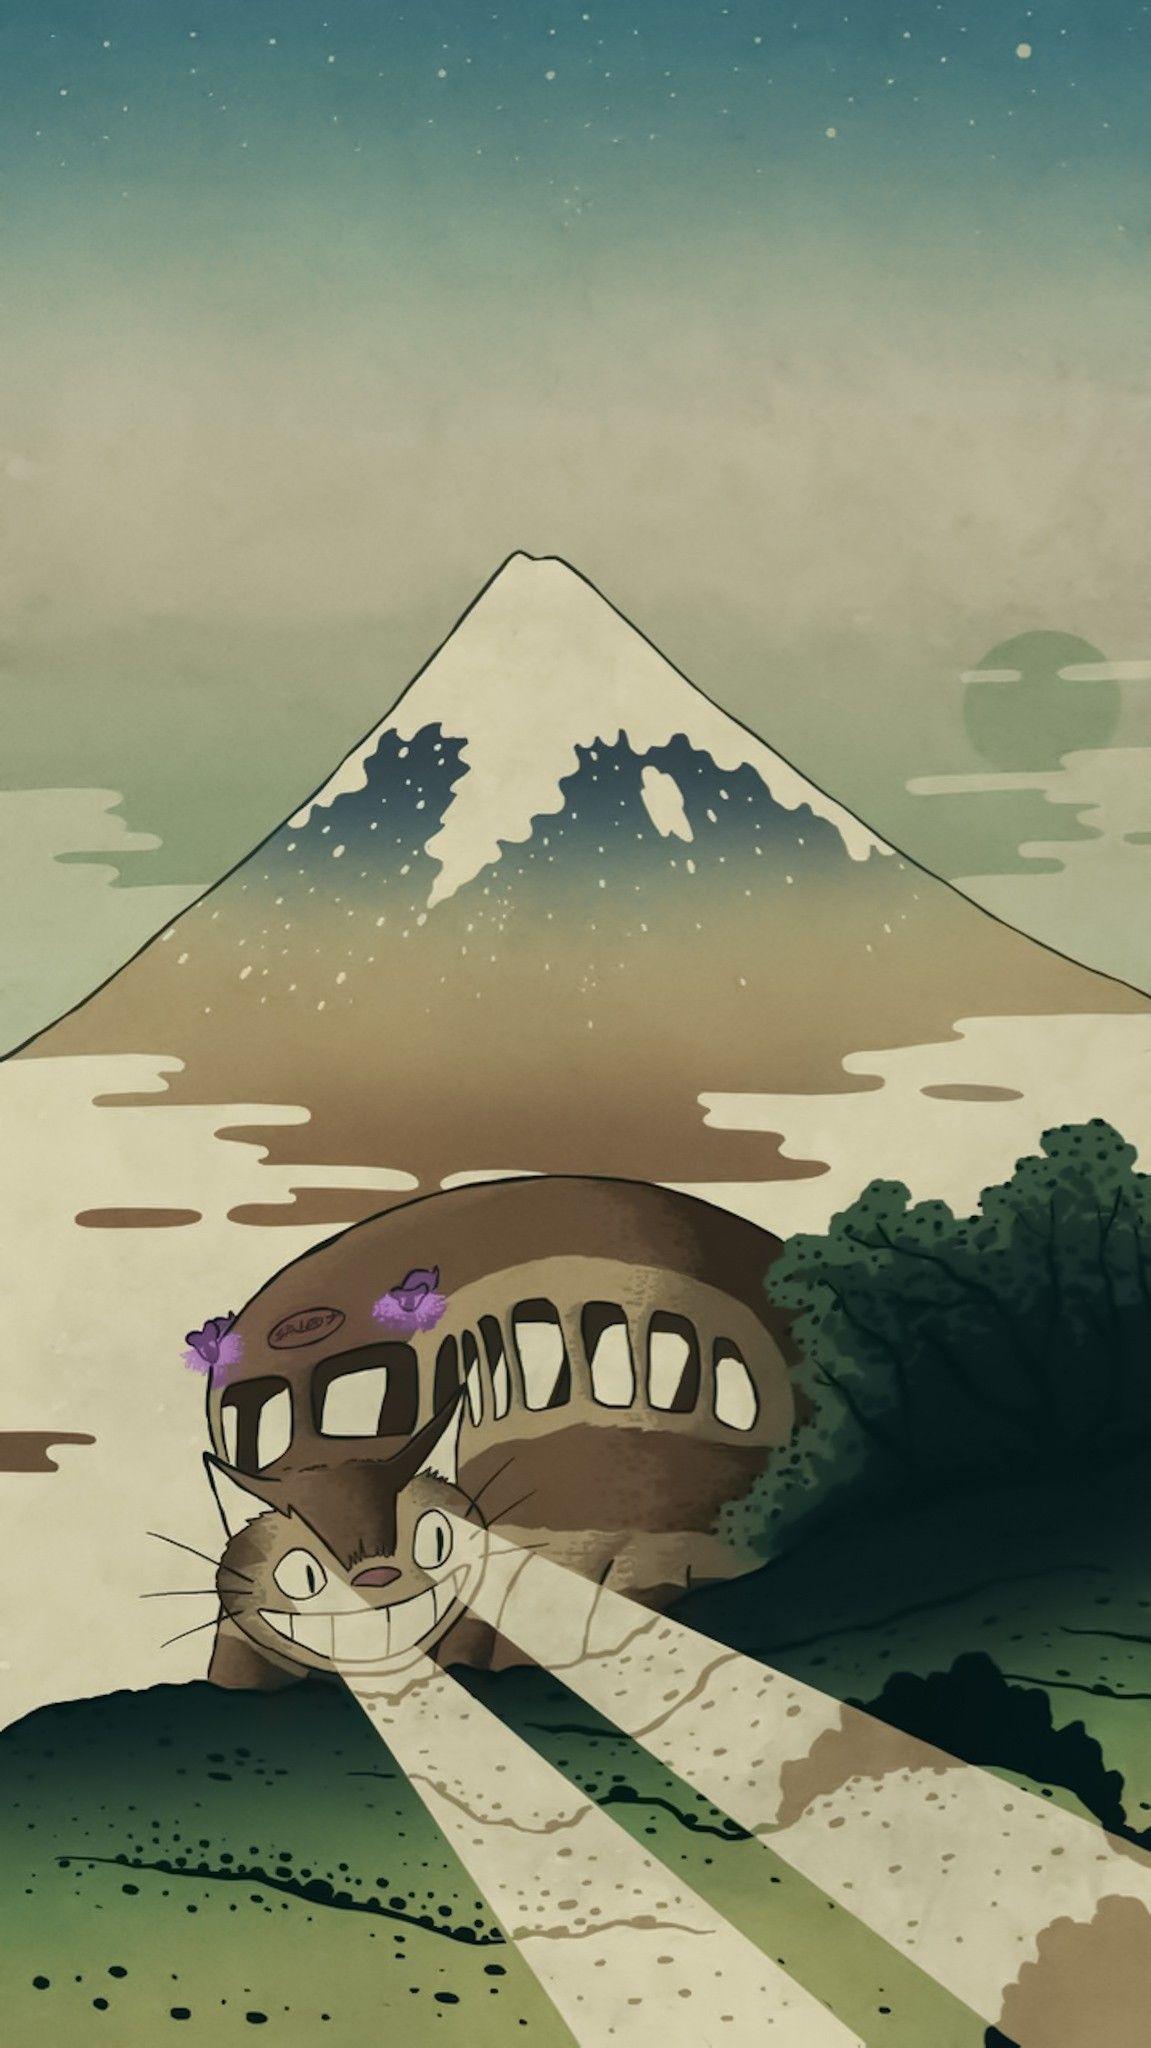 Pin by Lyn on Wallpapers in 2020 Studio ghibli, Ghibli